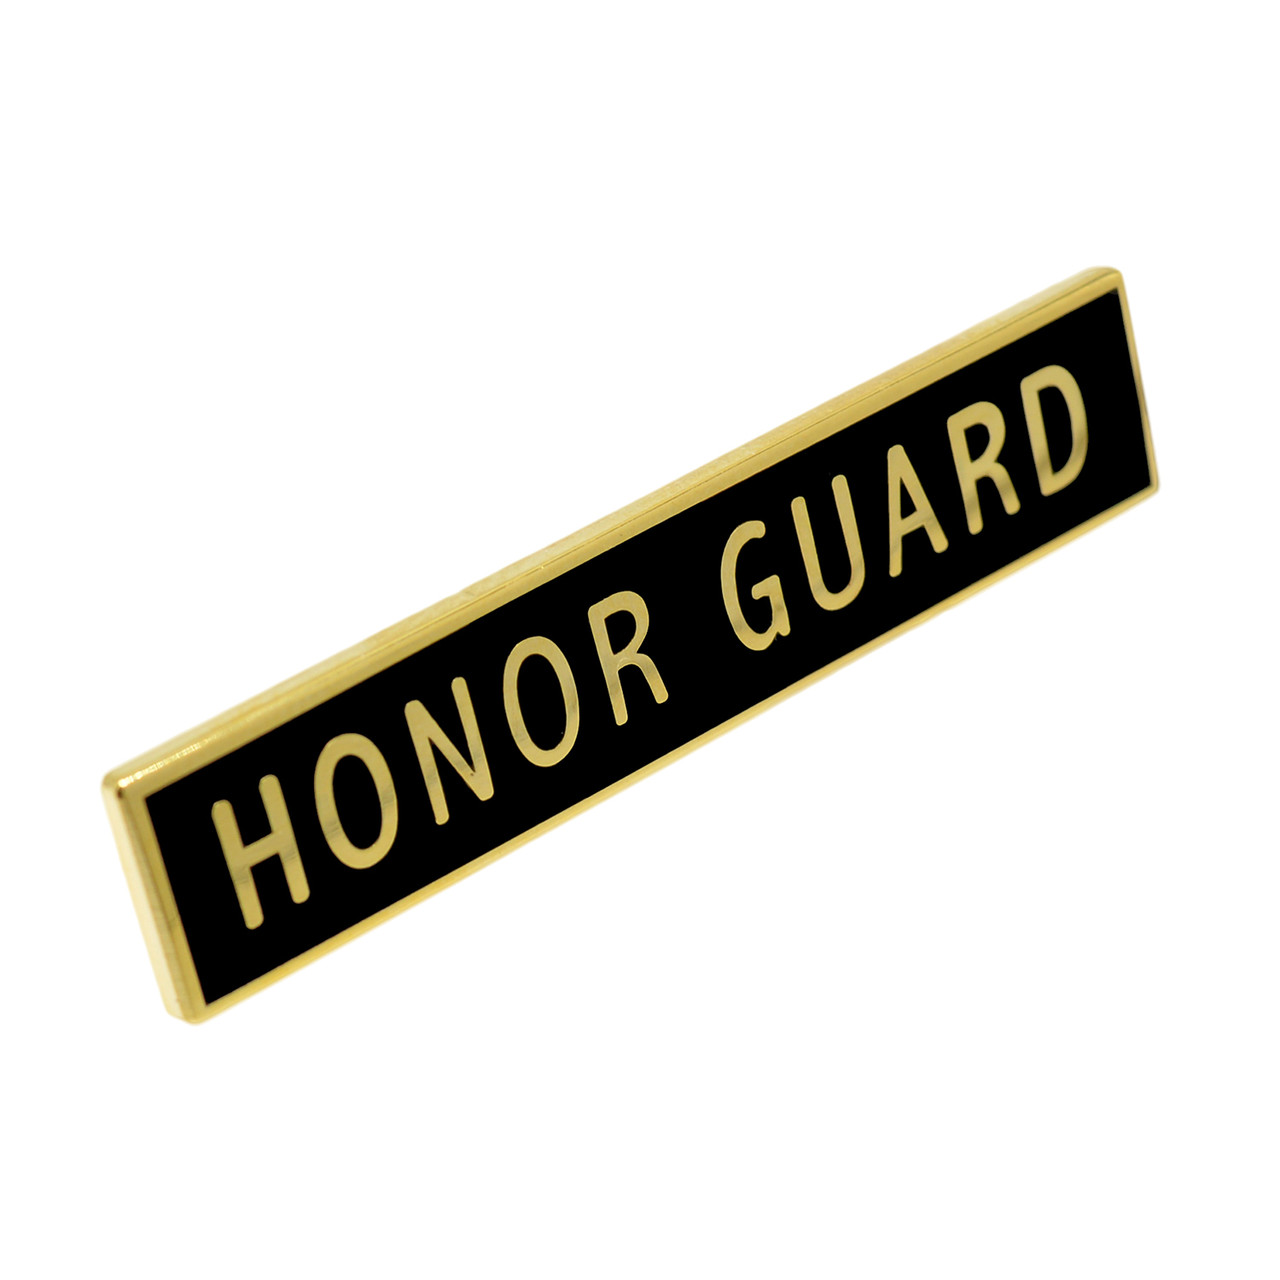 Uniform Citation Bar Negotiator Citation Bar Merit Award Commendation Lapel Pin